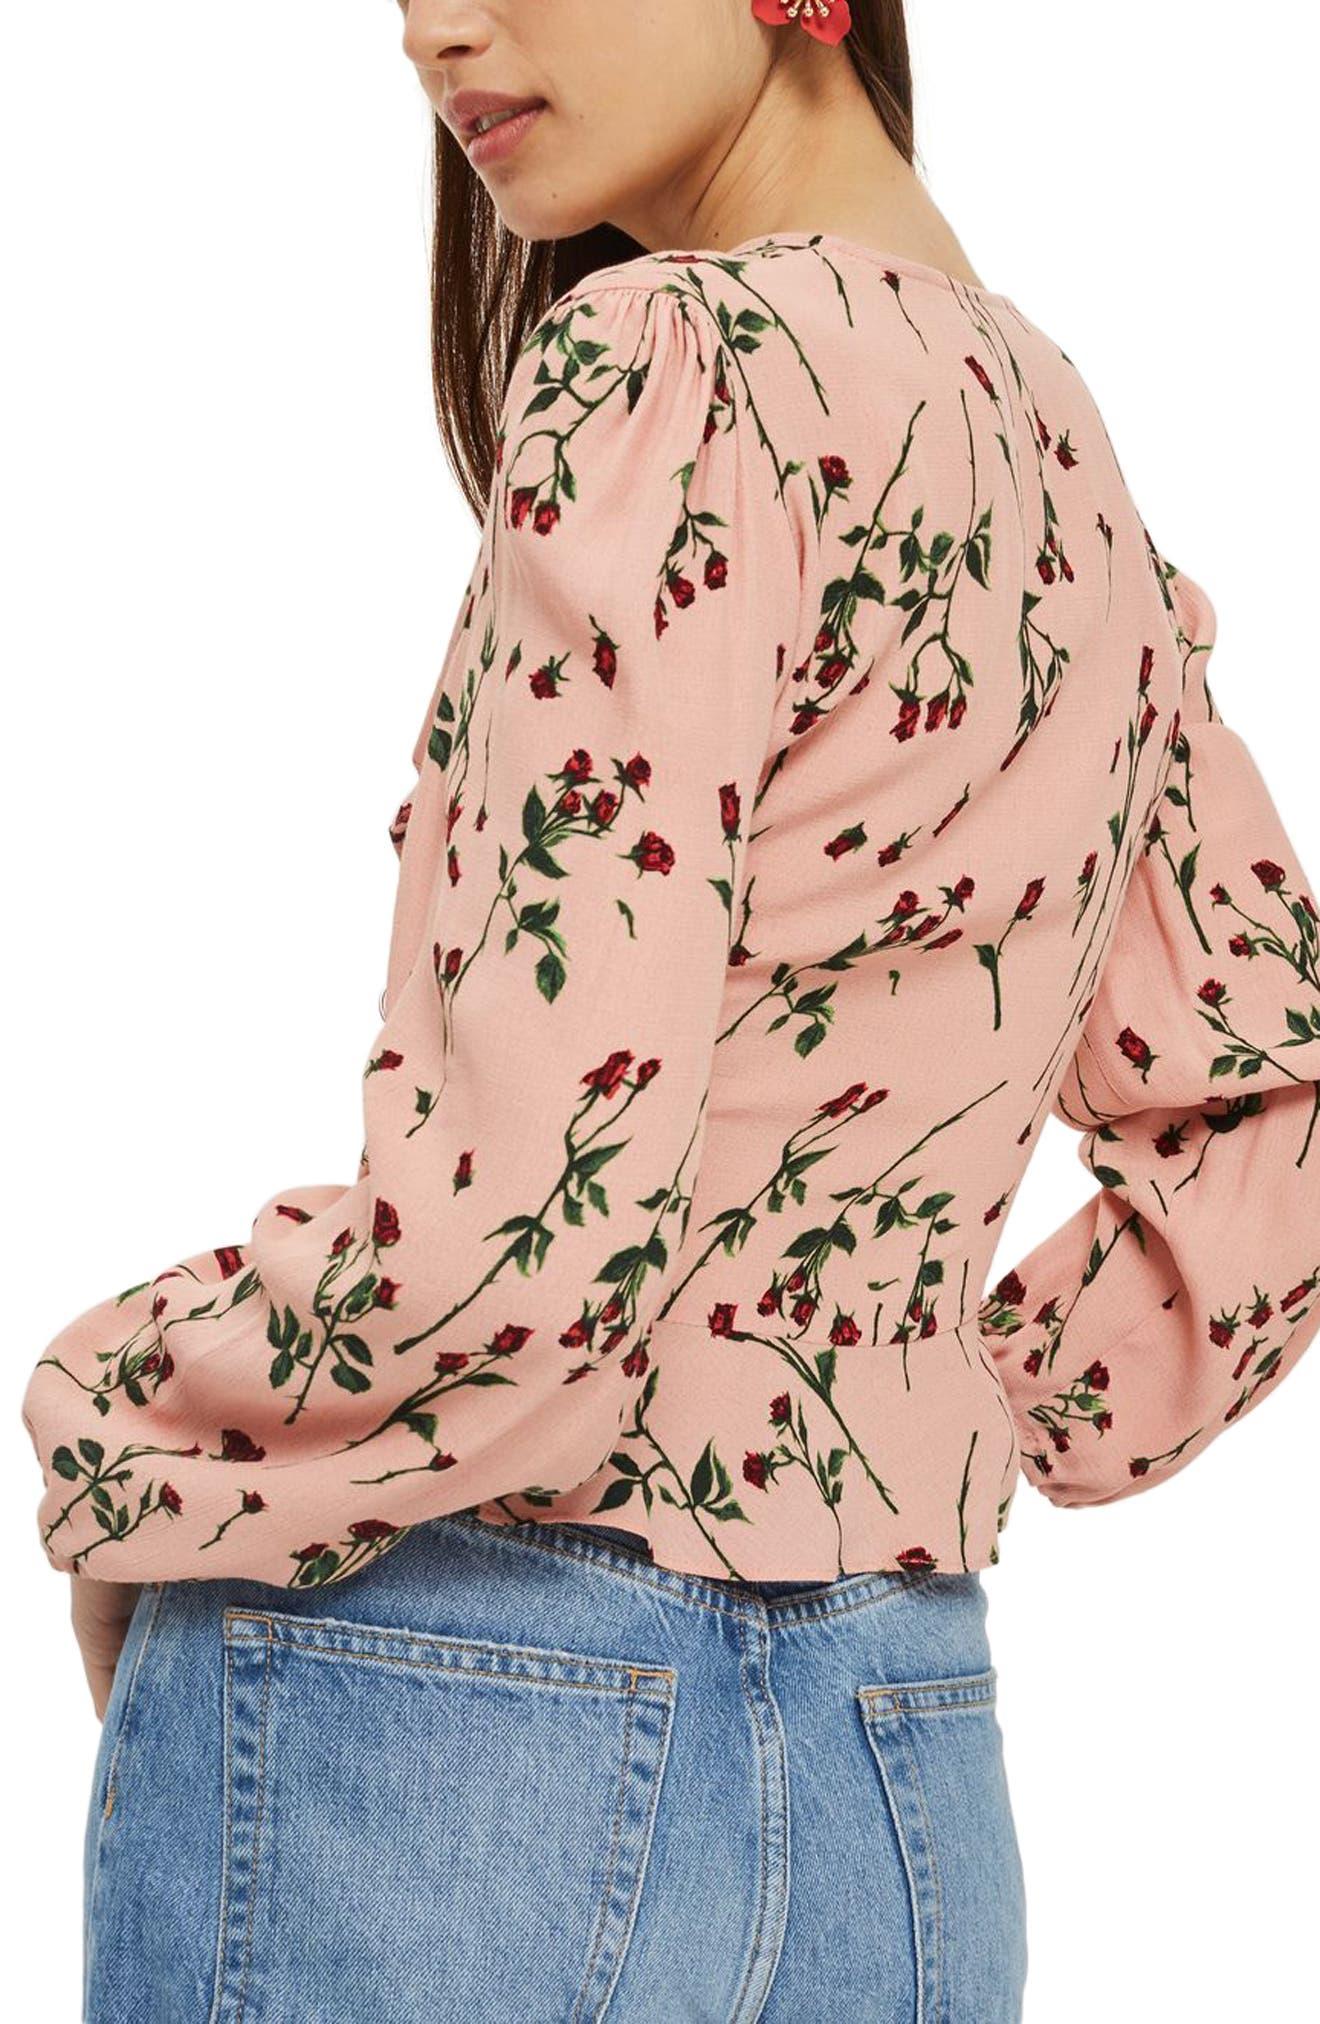 Rosebud Wrap Top,                             Alternate thumbnail 2, color,                             Pink Multi